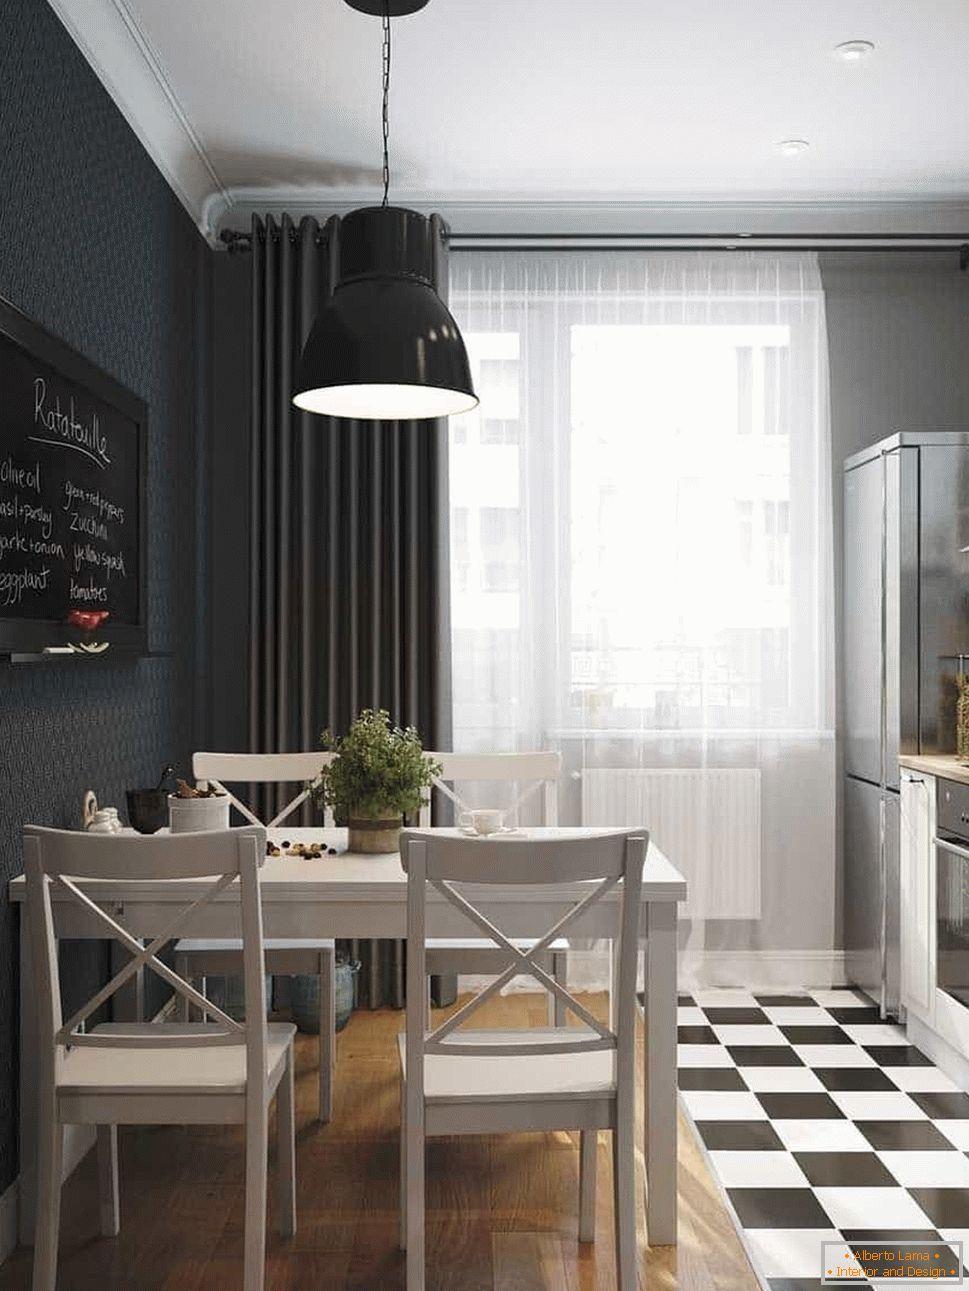 Cucina design 10 mq - 30 foto di idee di interior design